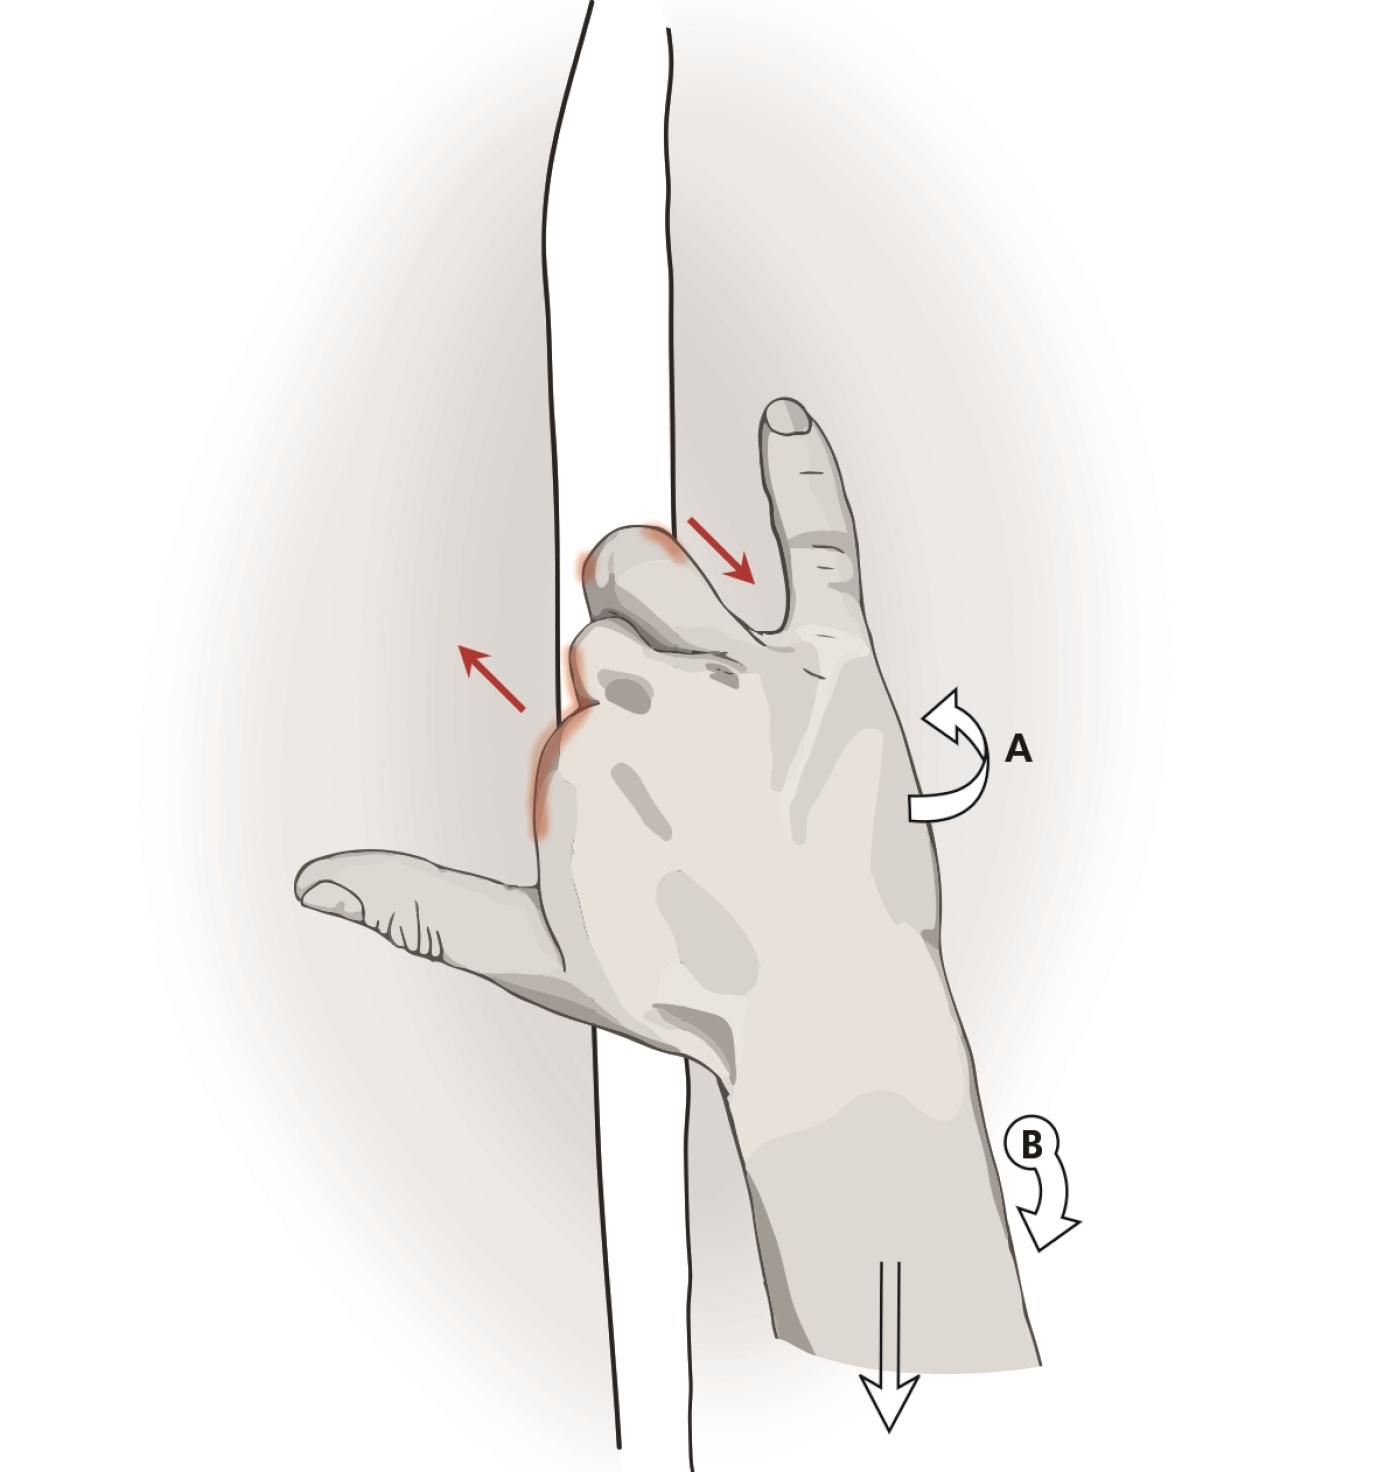 hand techniques in finger cracks locker finger cracks rock and ice hand techniques in finger cracks